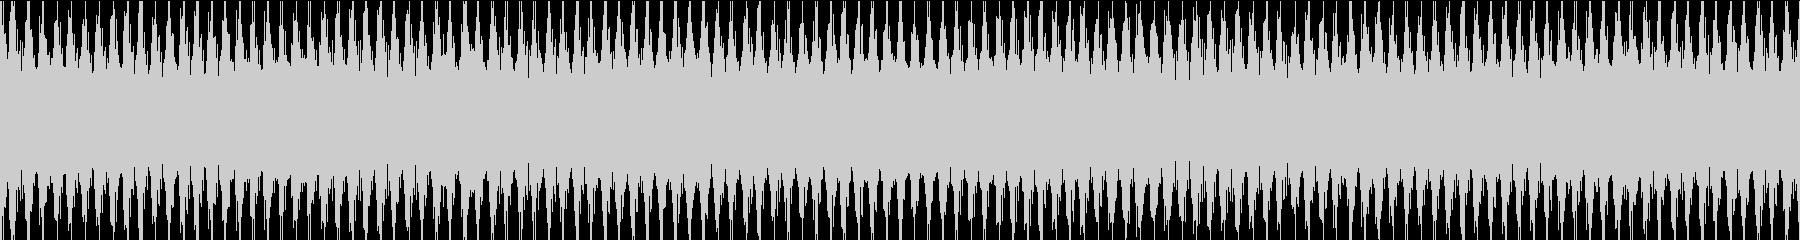 レーザー、カウンター演出などの未再生の波形